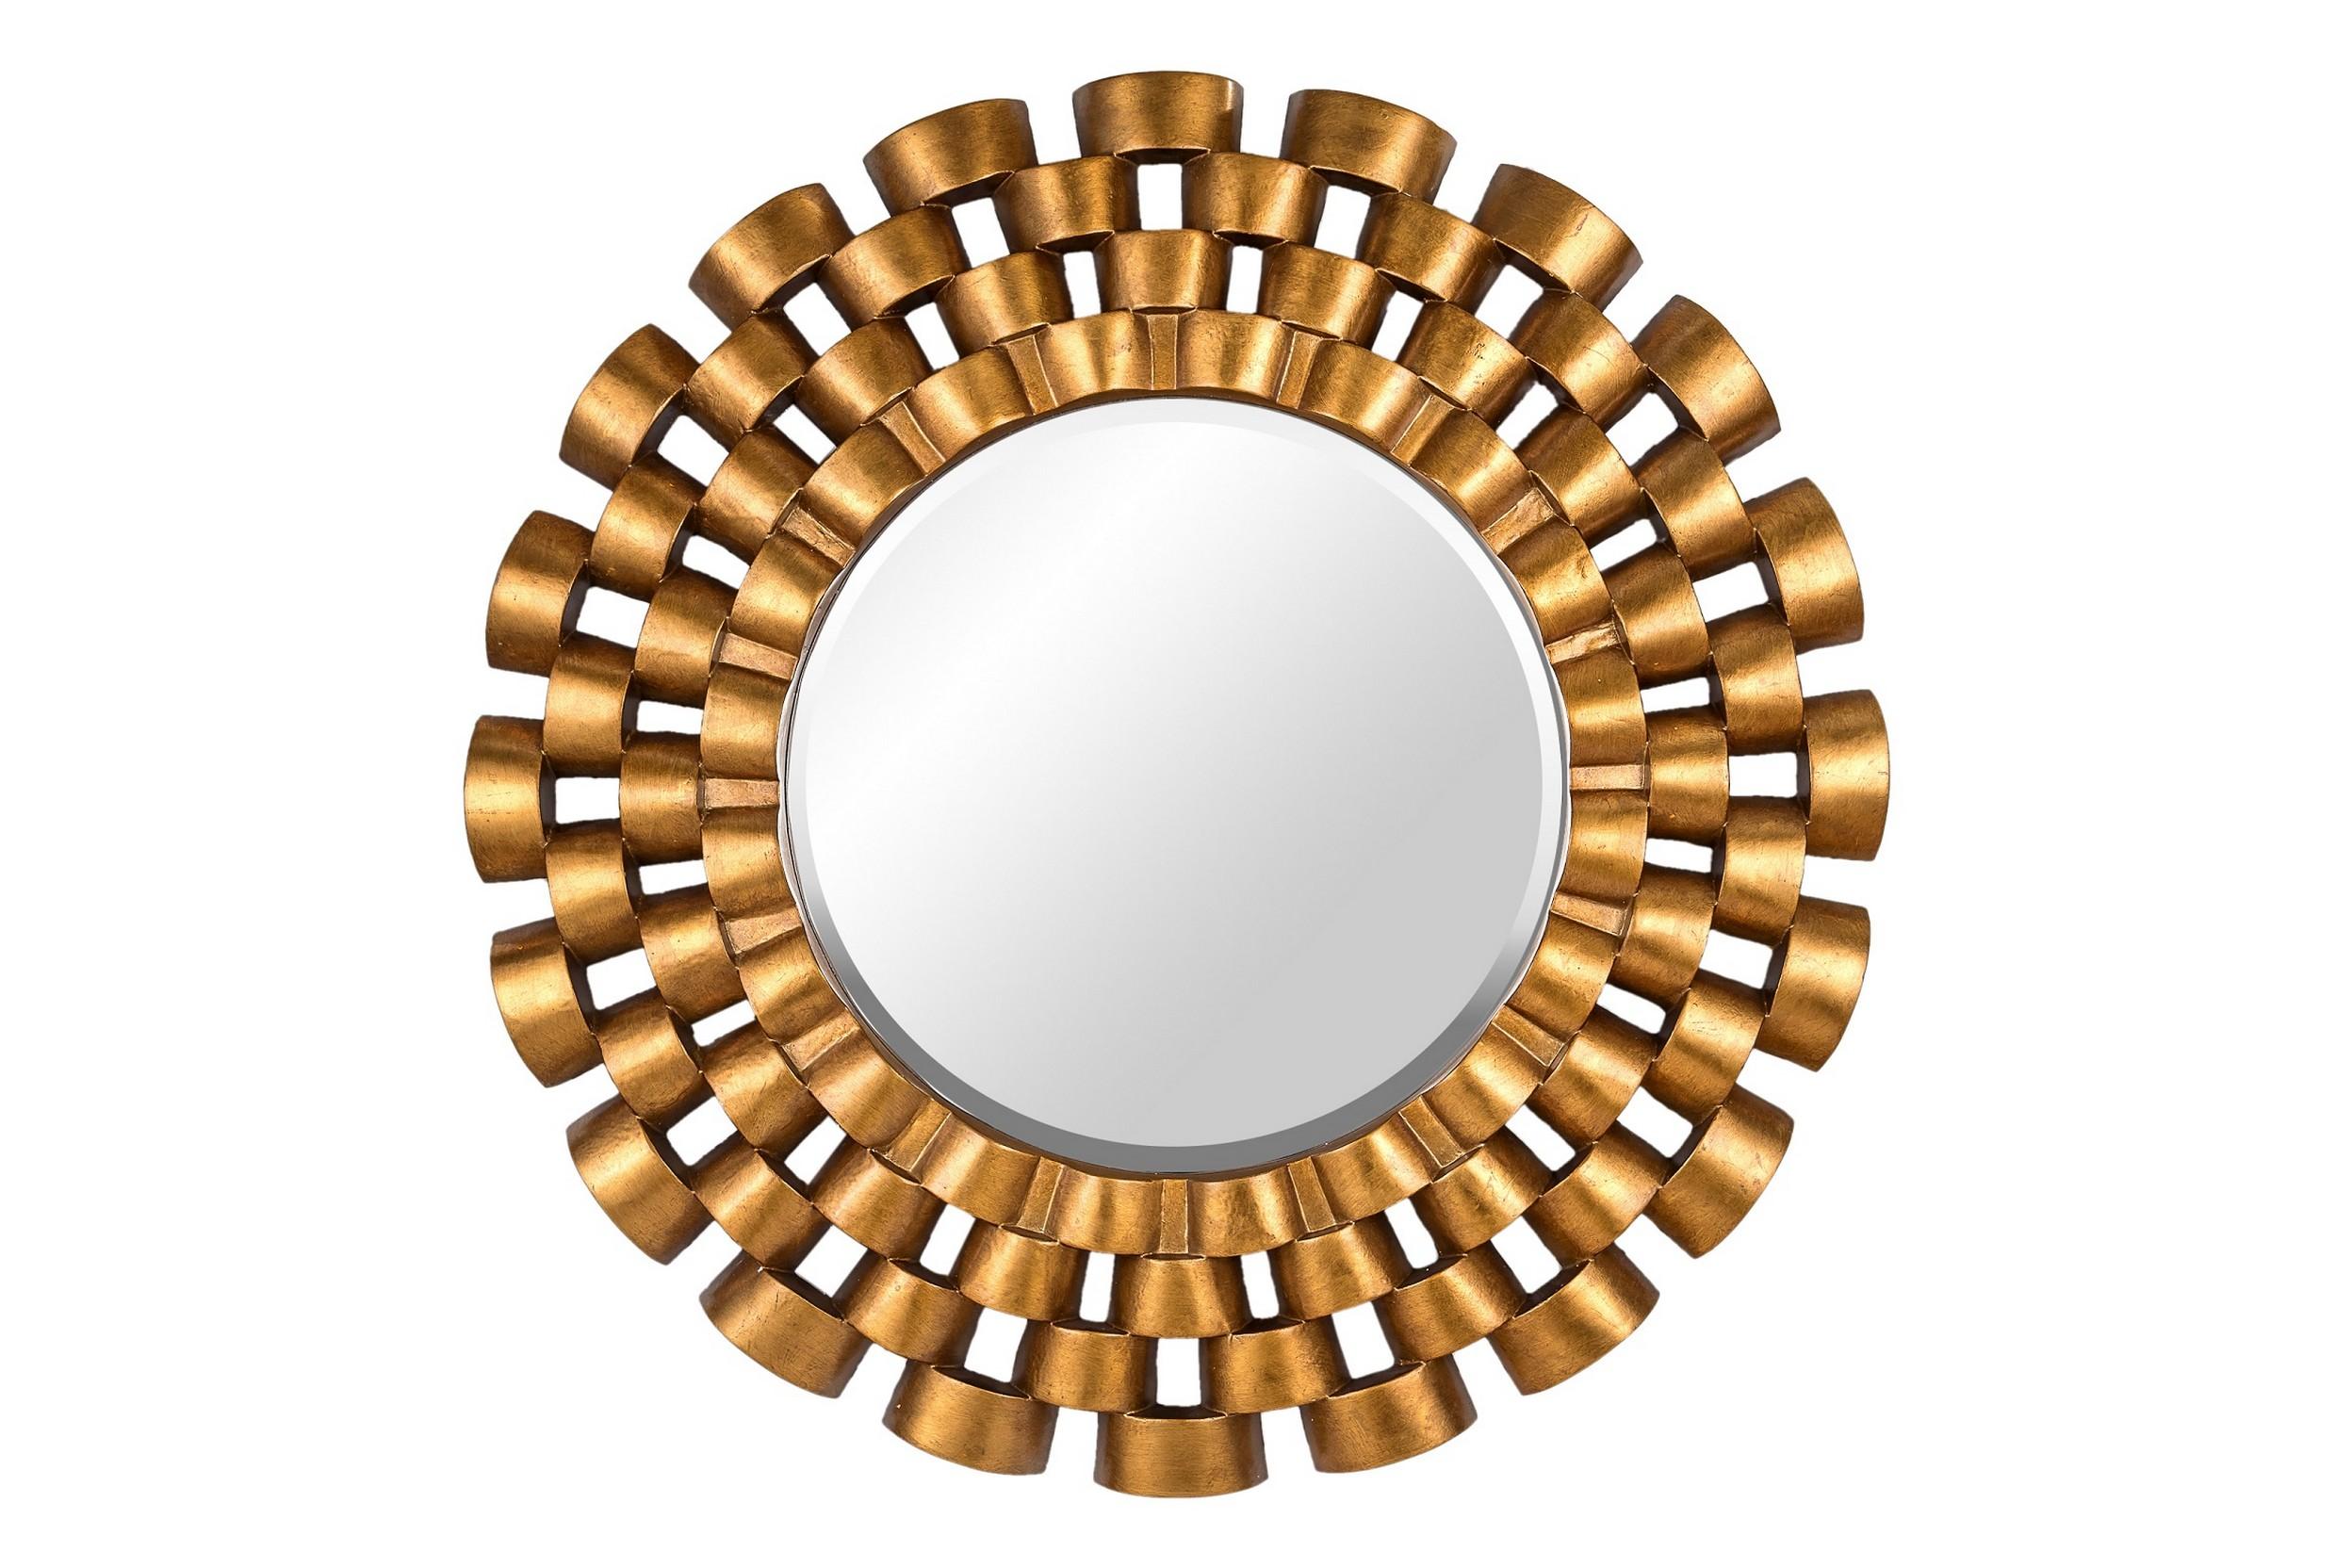 Зеркало Nexus GoldНастенные зеркала<br>Круглое зеркало в серебряной раме из полиуретана. Оригинальный дизайн рамы напоминает ремешок от классических мужских наручных часов, вызывая ассоциацию спокойствия и уверенности. Отличный вариант для прихожей и других помещений, оформленных в современном стиле.<br><br>Цвет: золотой Материал: полиуретан<br><br>Material: Стекло<br>Глубина см: 4.0